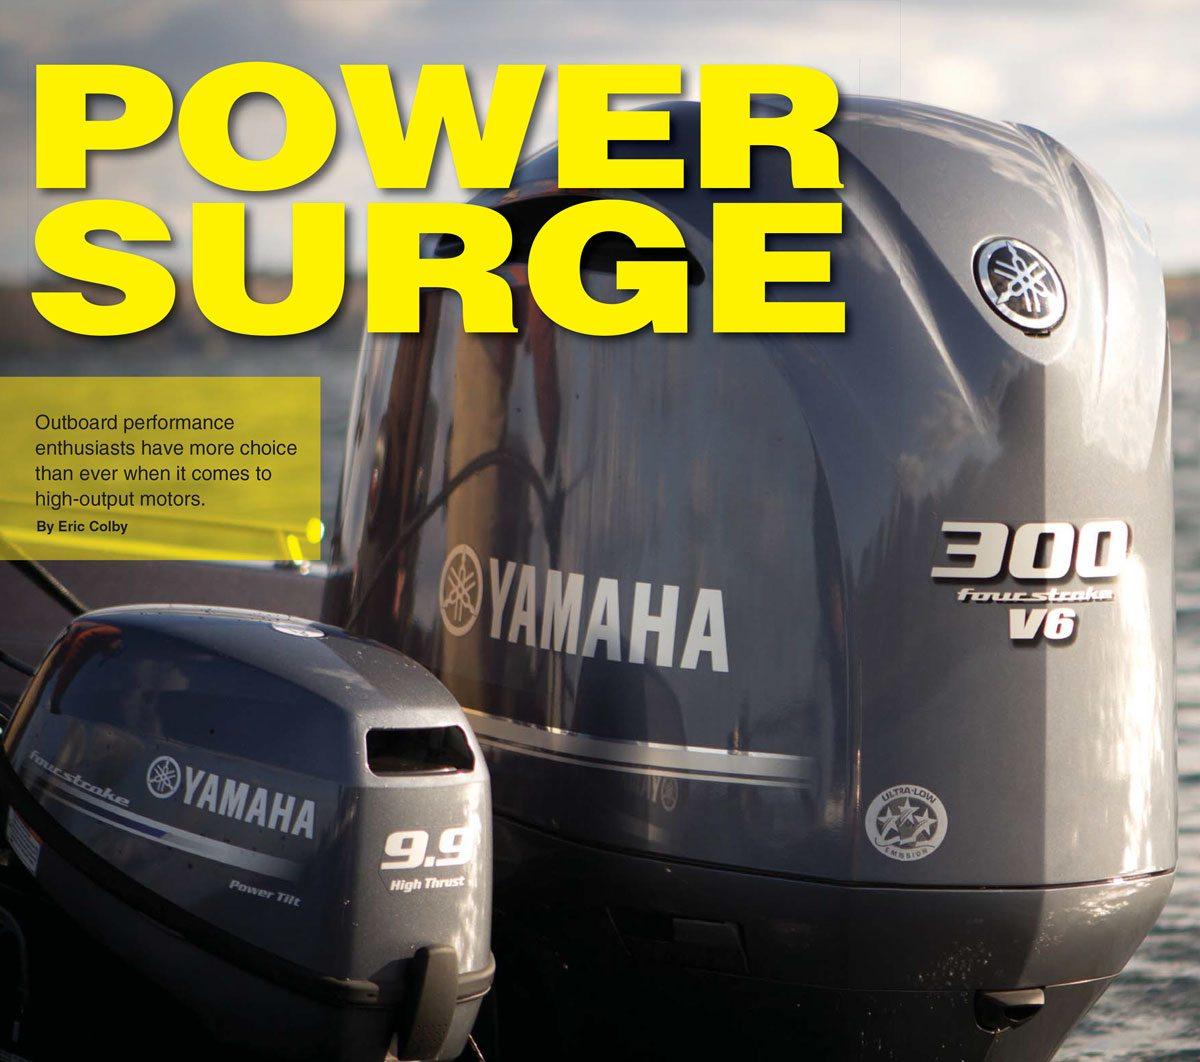 Suzuki Outboards 300 Horsepower